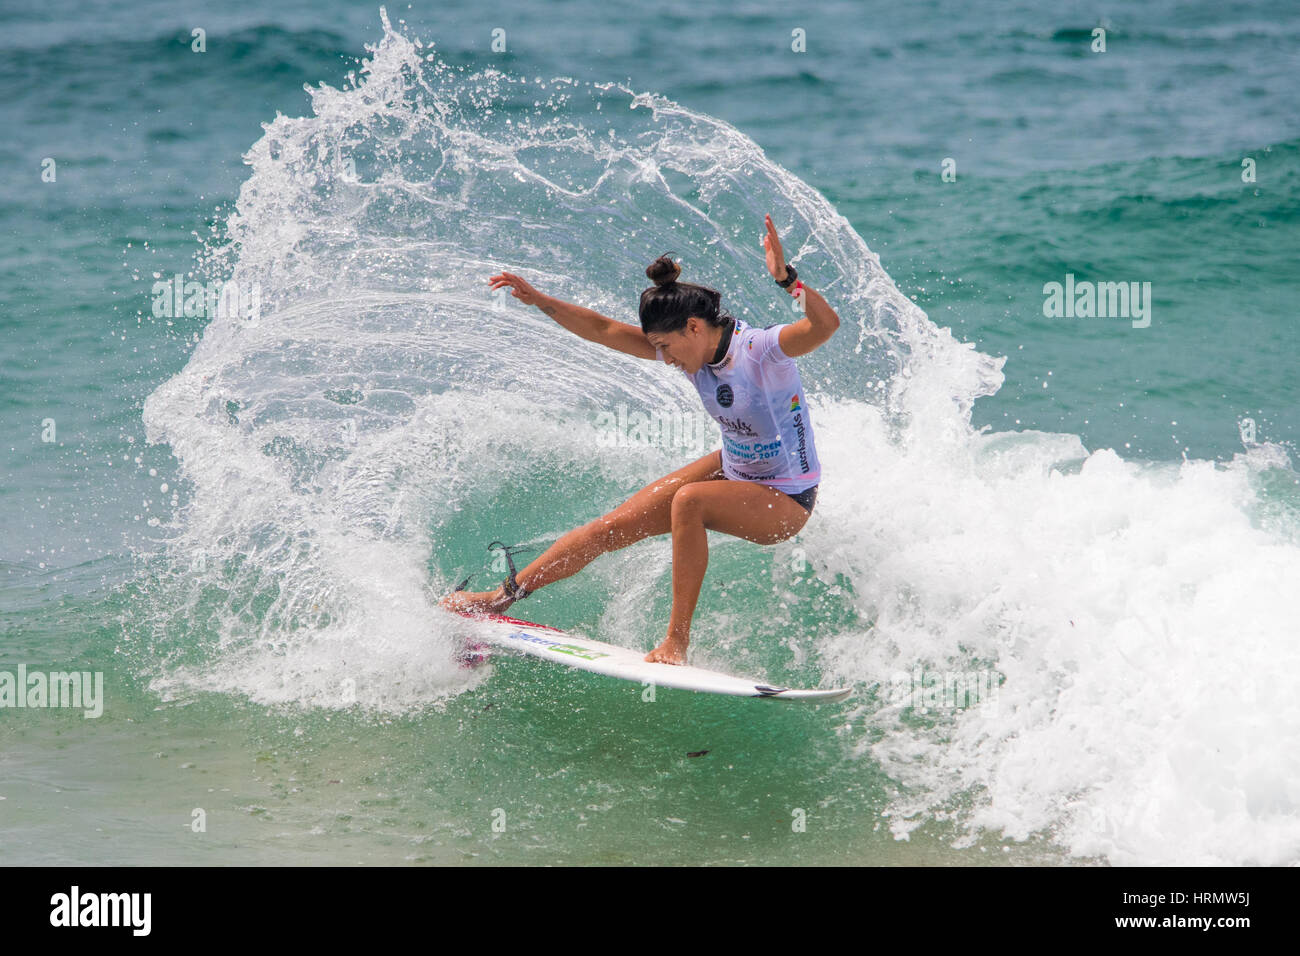 Sydney, Australia - 3 de marzo 2017: El Abierto de Australia de surf evento deportivo en Manly Beach, Australia Foto de stock